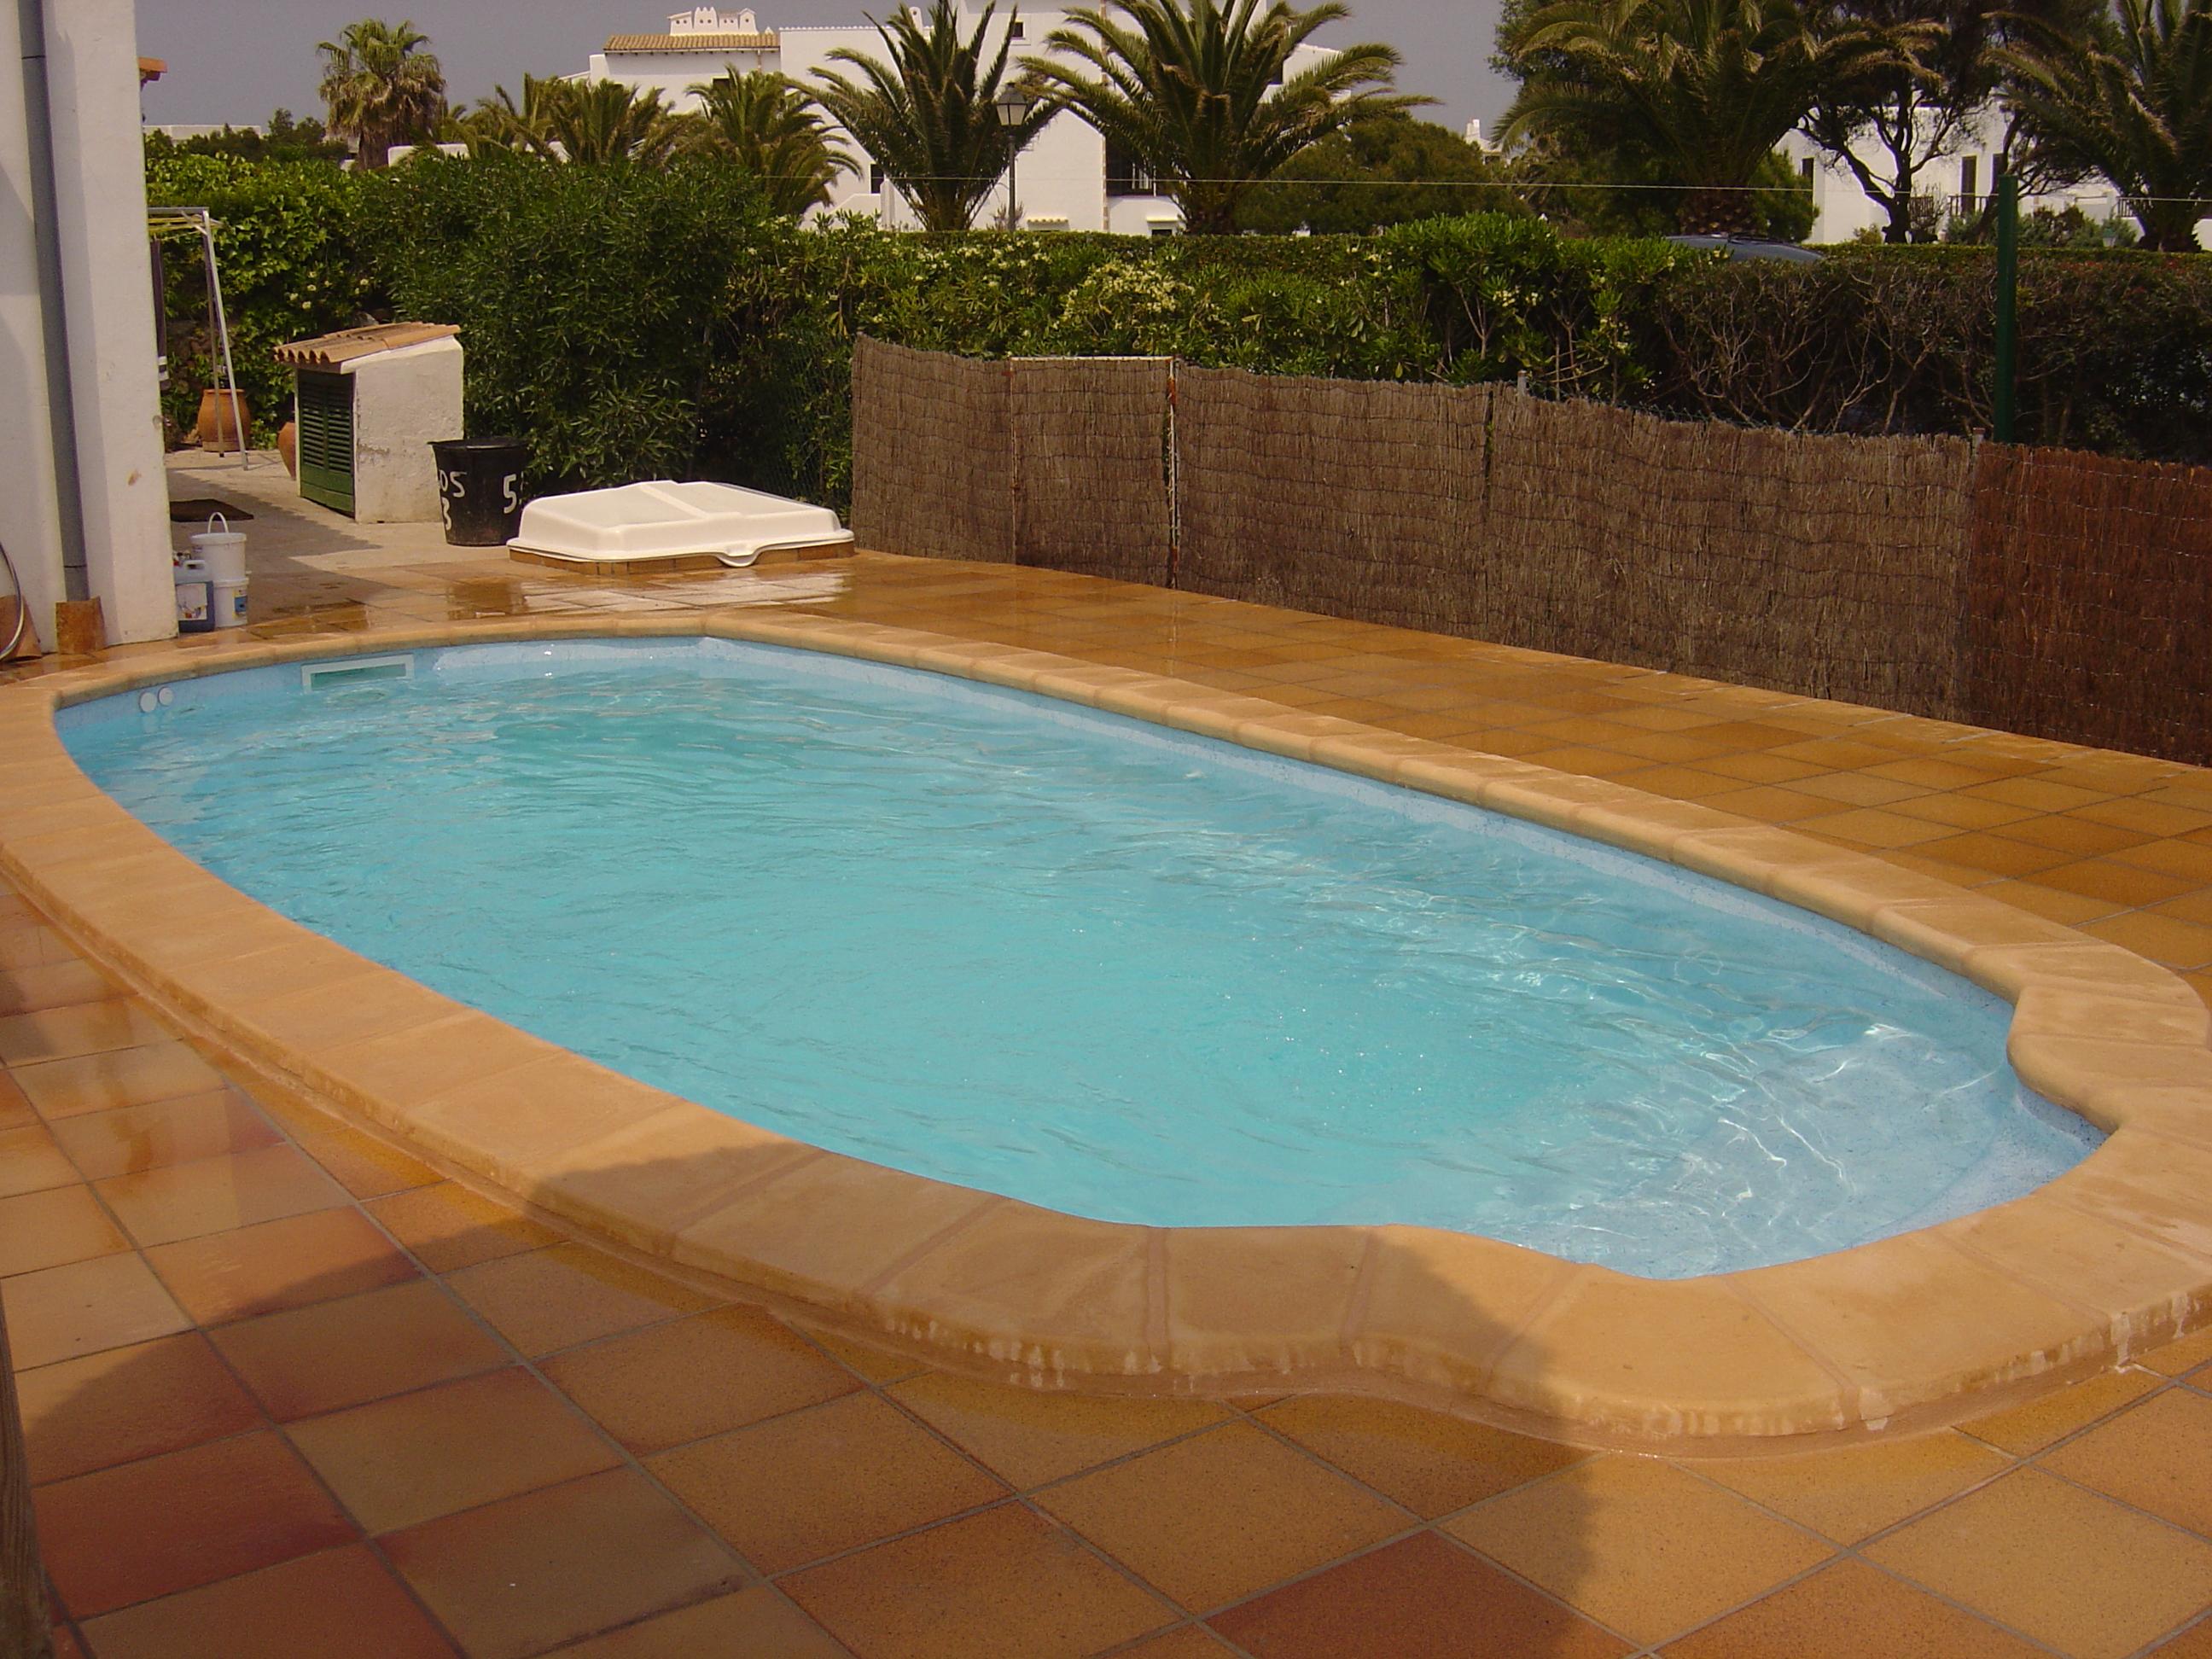 piscinas mallorca europa piscinas palma